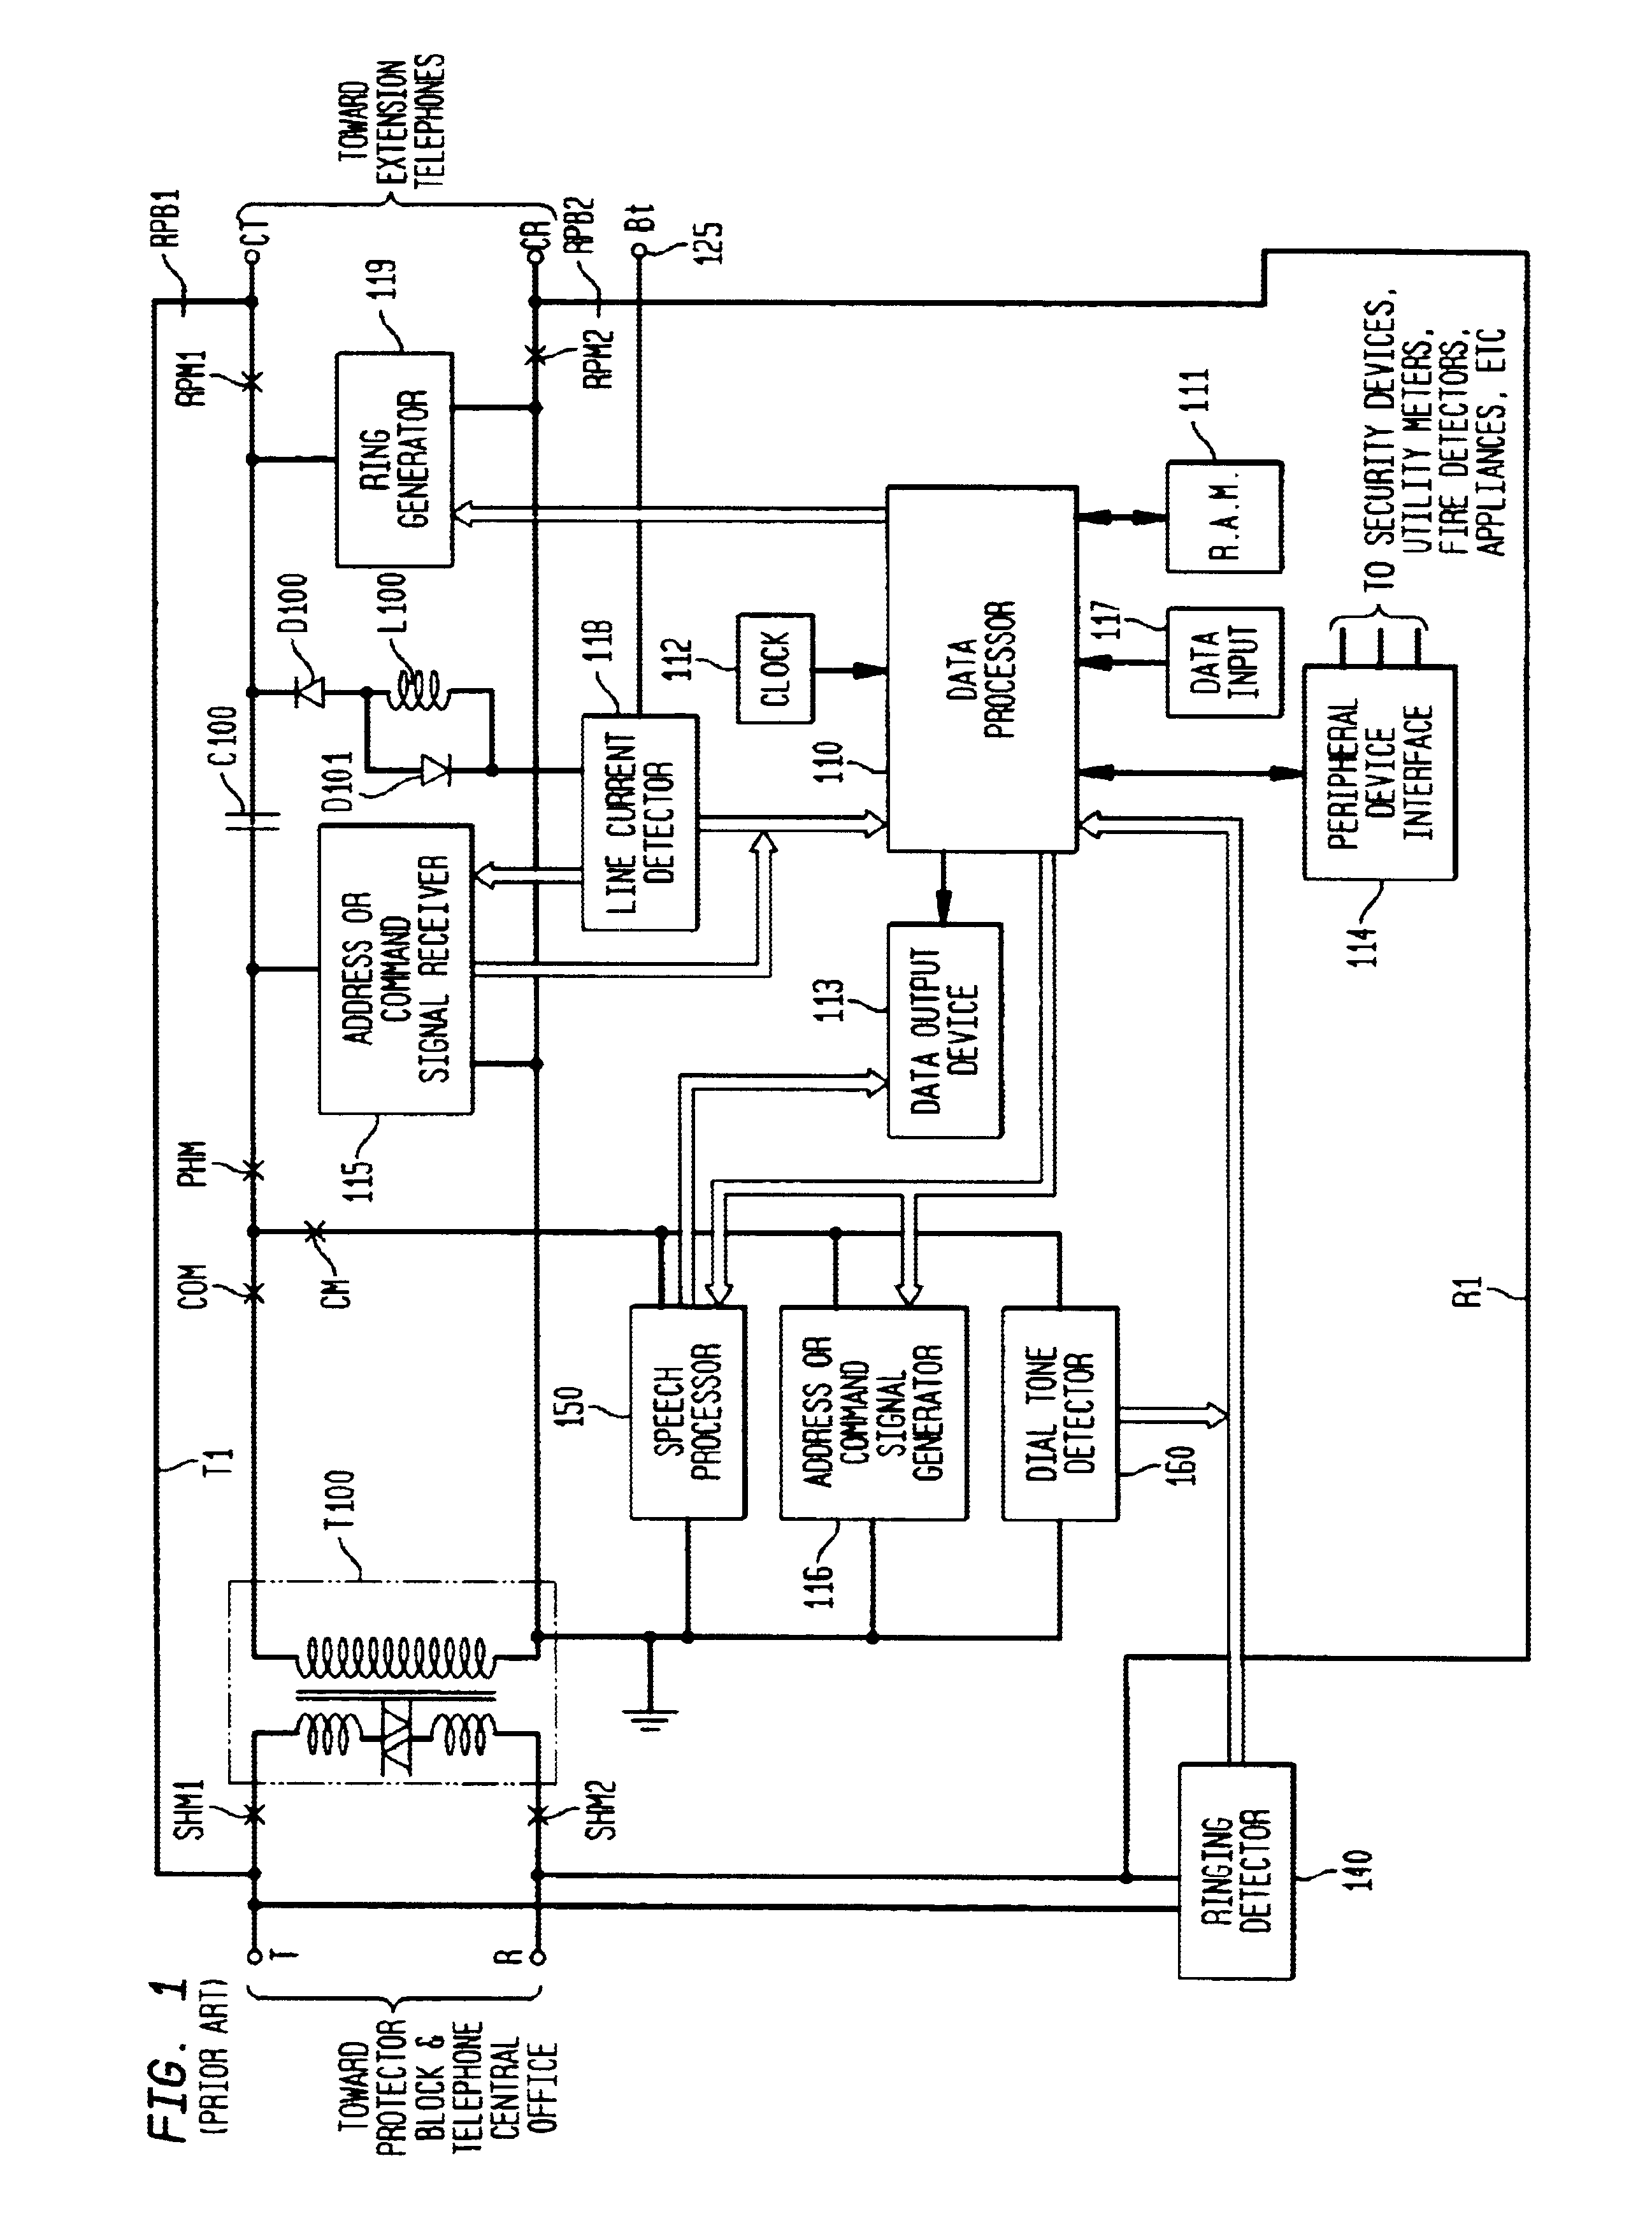 patent us6633589